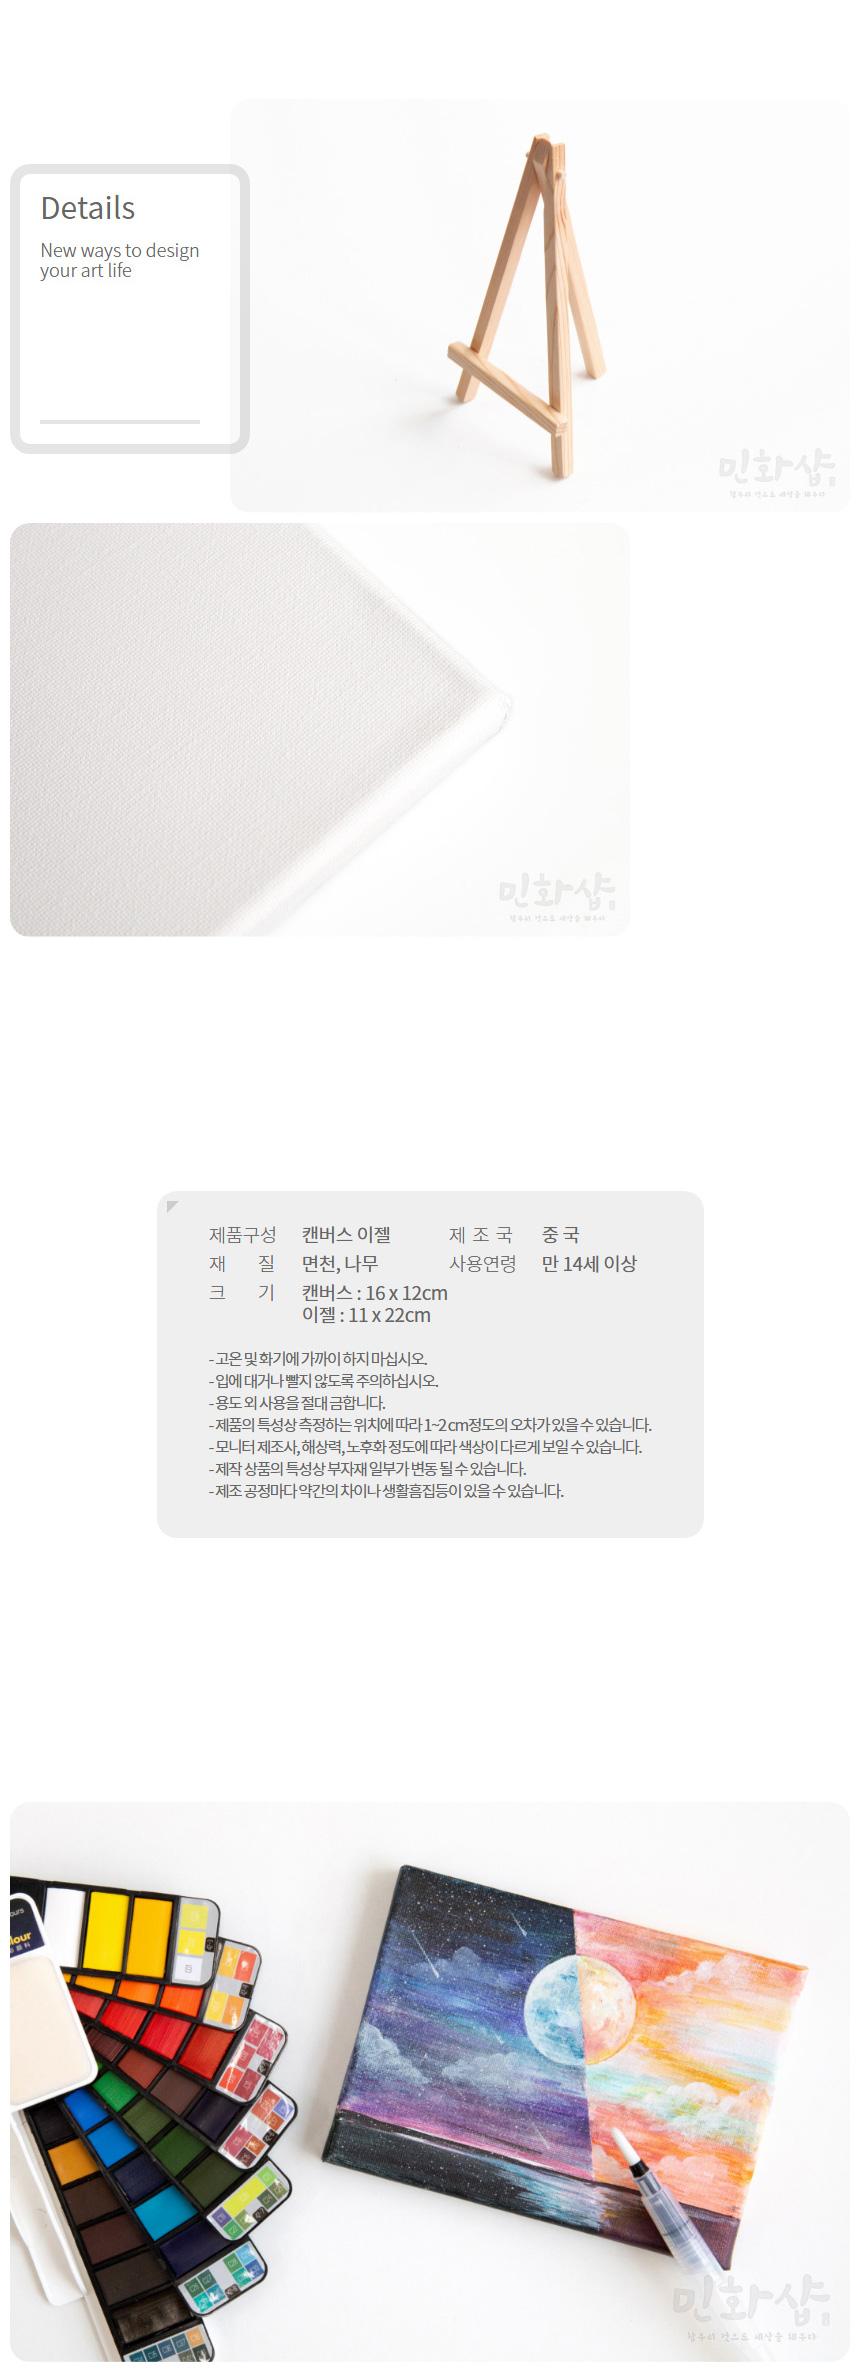 미니이젤 캔버스 세트 - 민화샵, 3,800원, 화방지류, 유화/아크릴스케치북